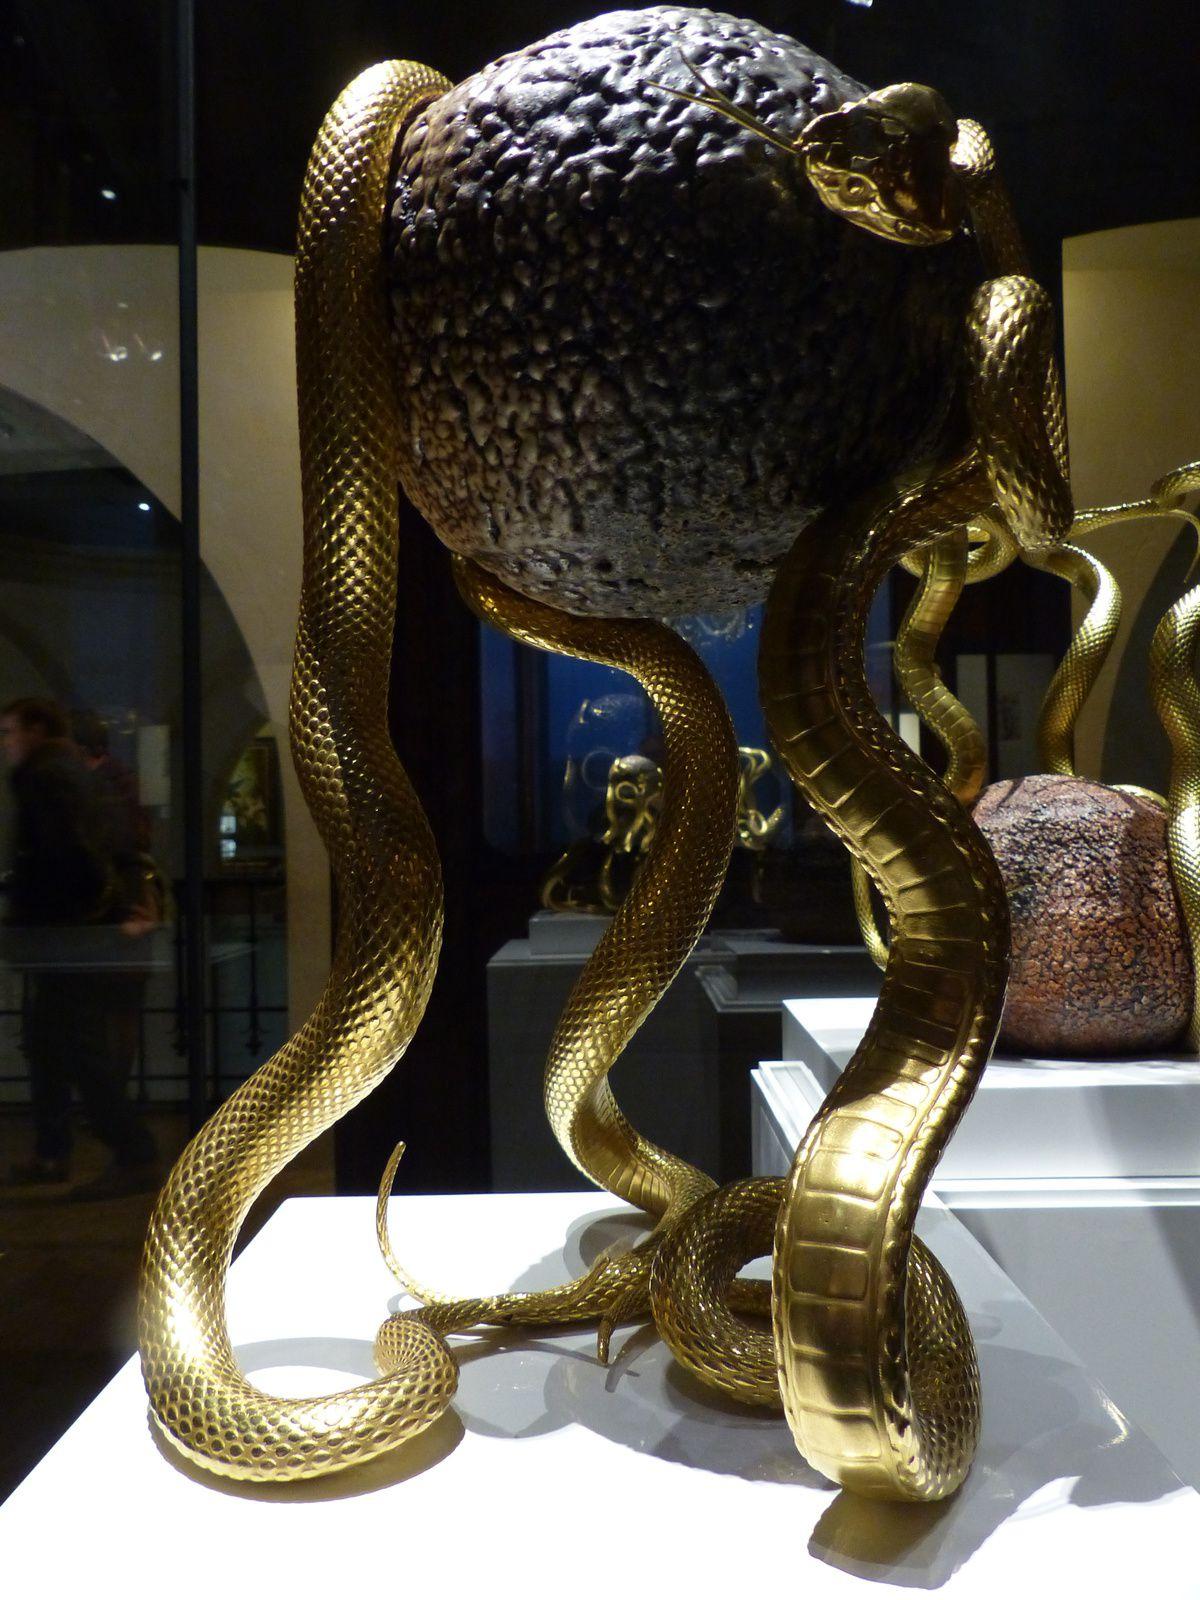 nous y étions hier soir à l'inauguration officielle....à voir au musée des Arts Décoratifs à Paris.